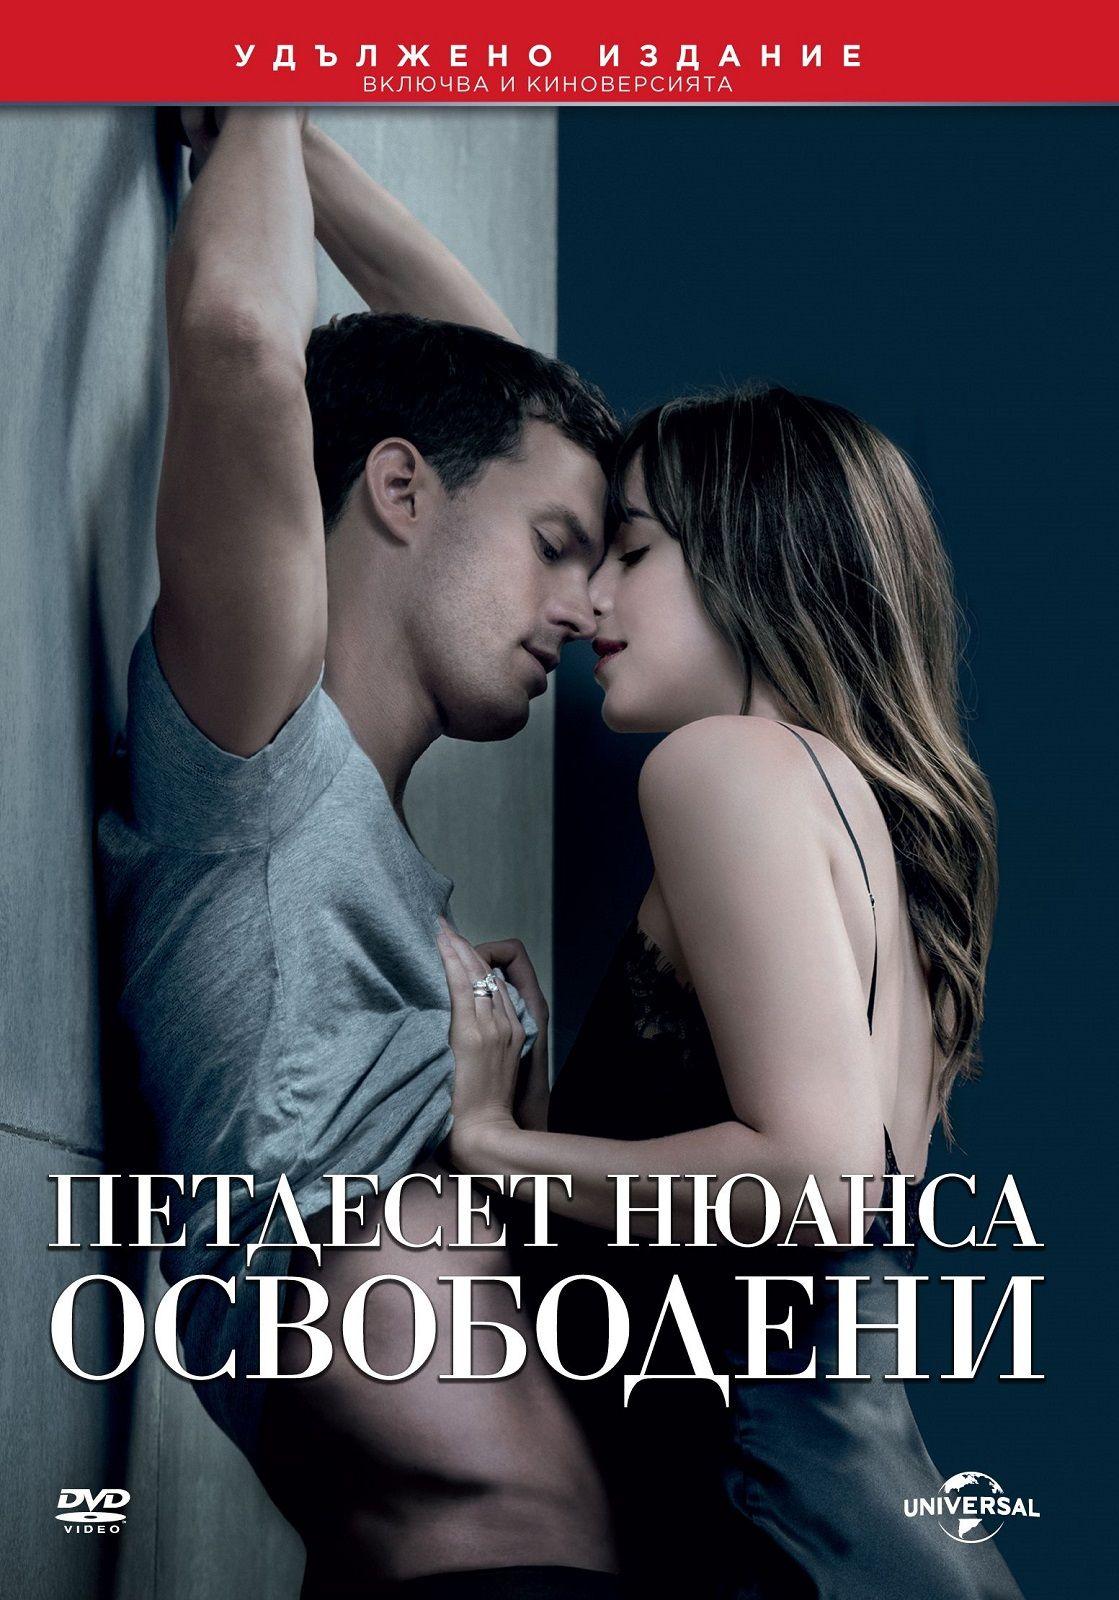 Петдесет нюанса освободени (DVD) - 1